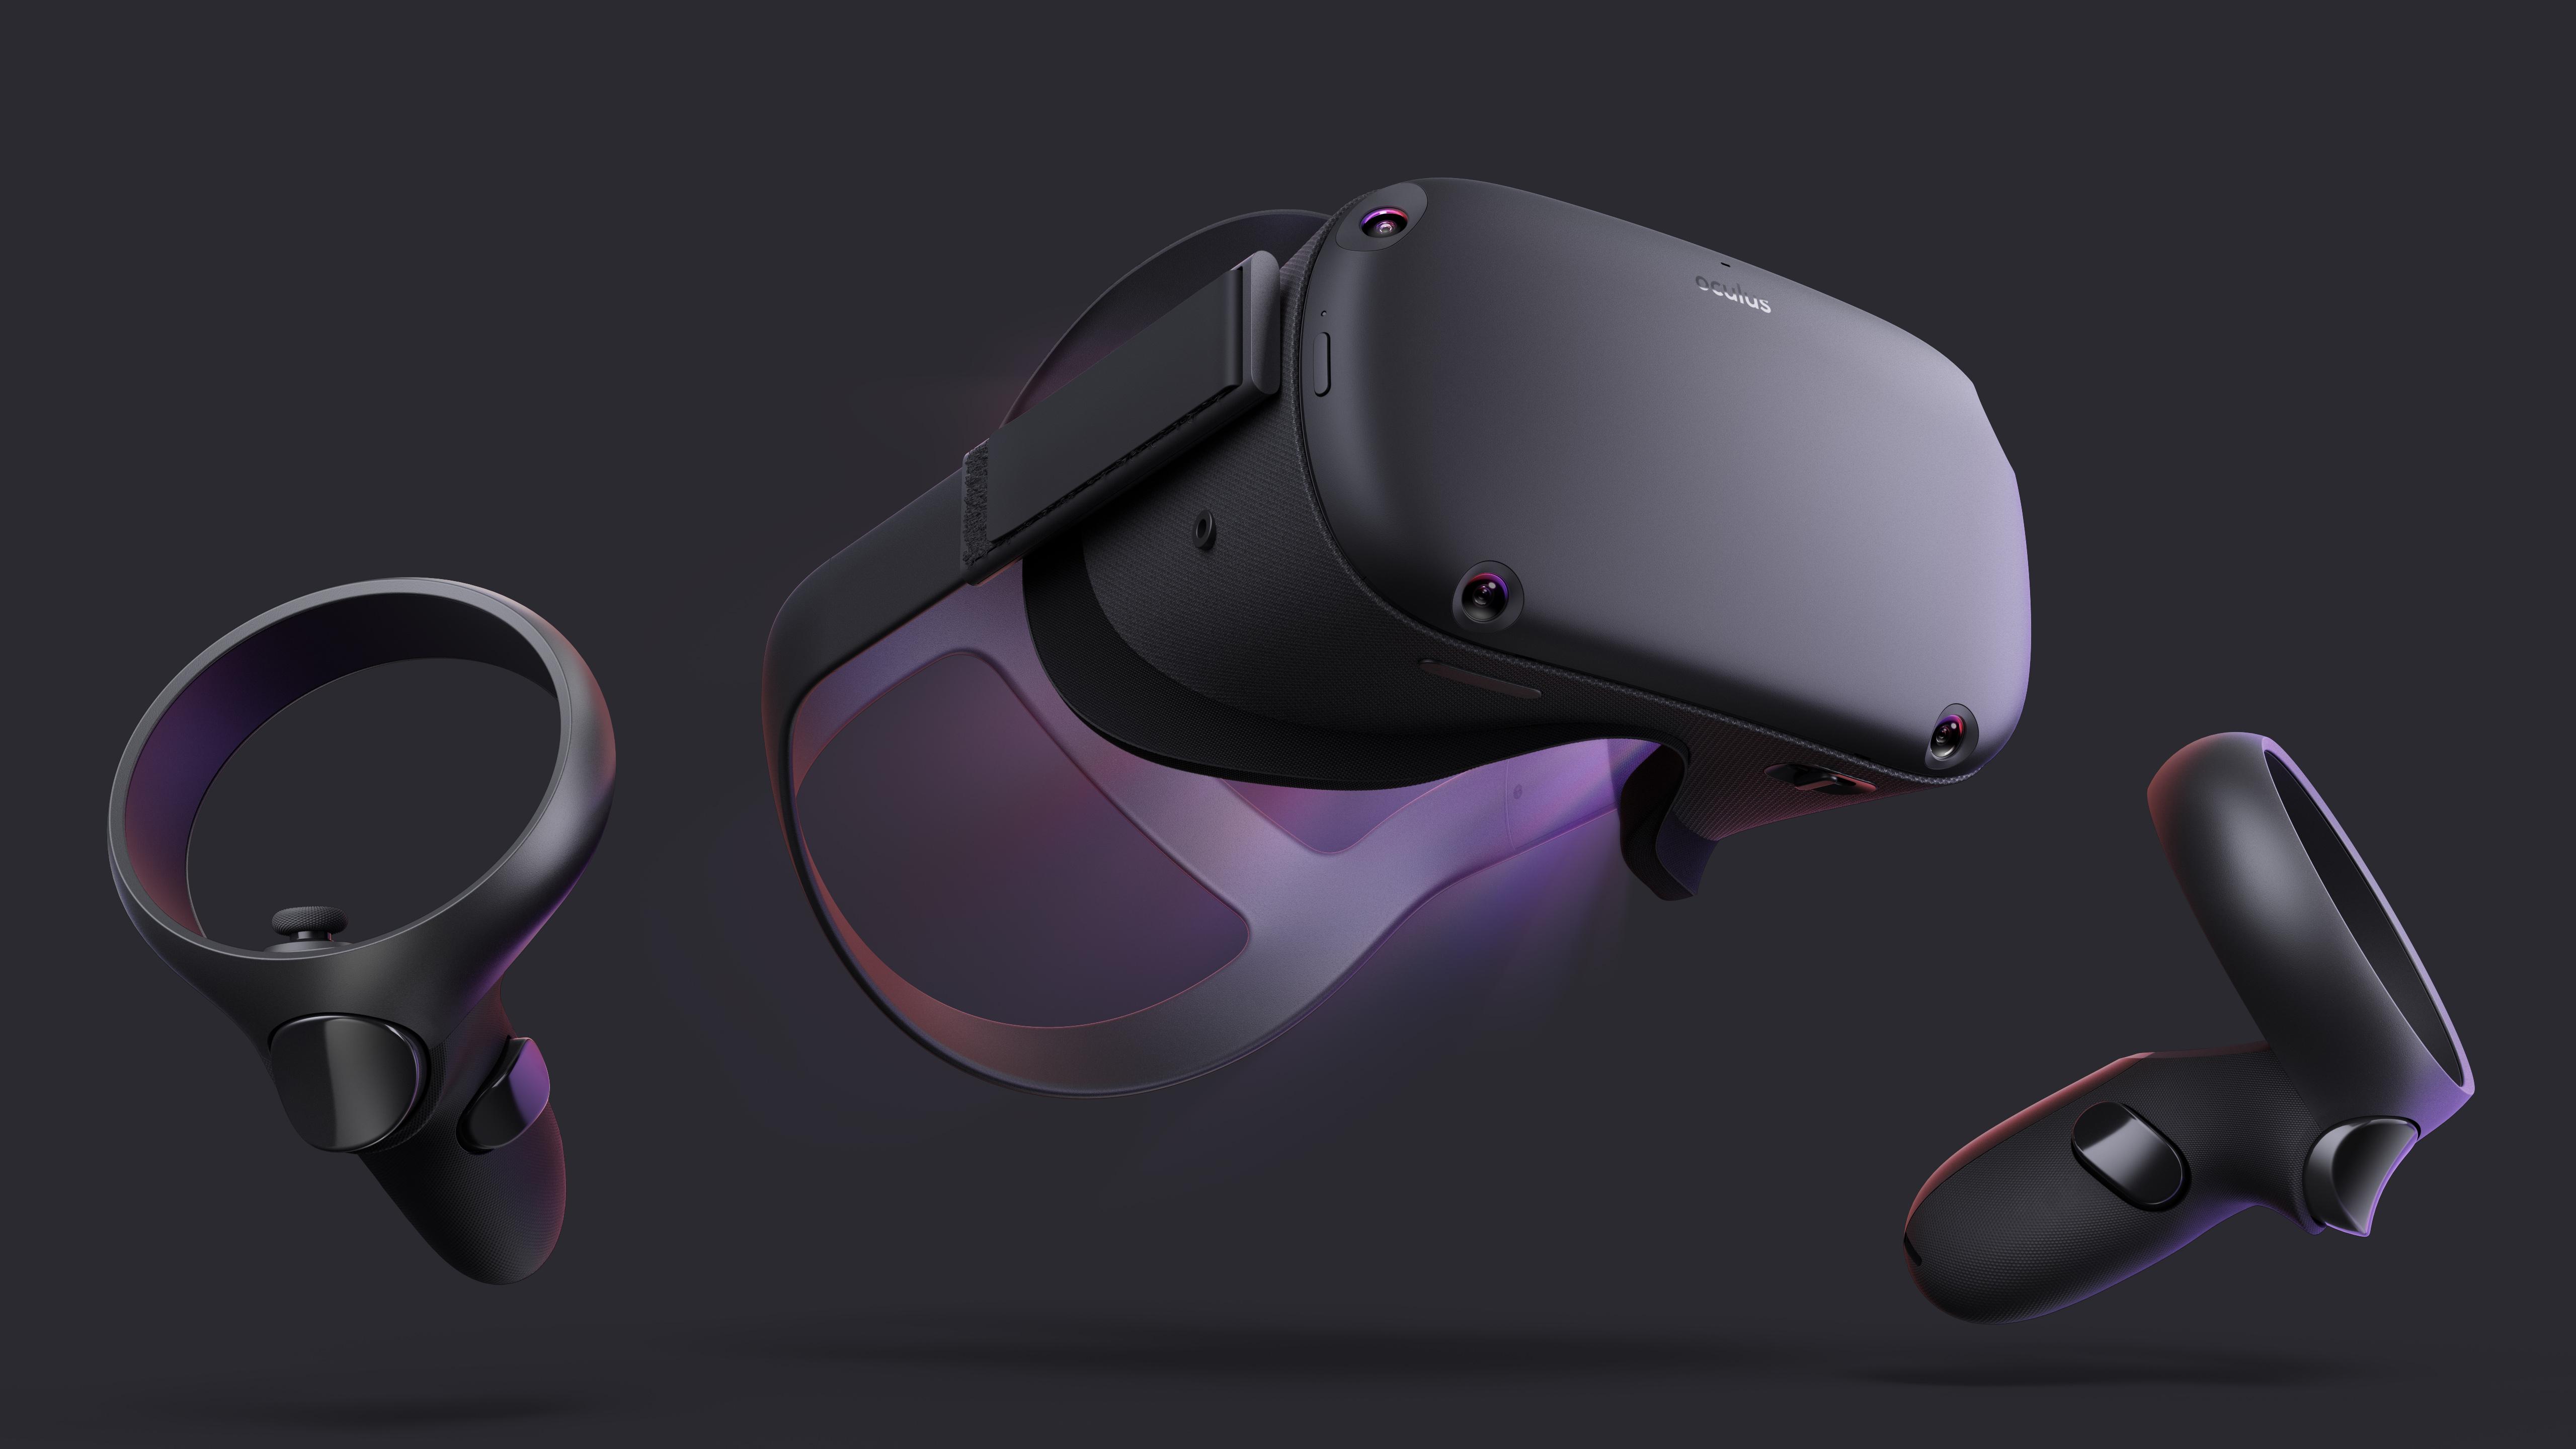 Dette er Oculus Quest - lanseres våren 2019